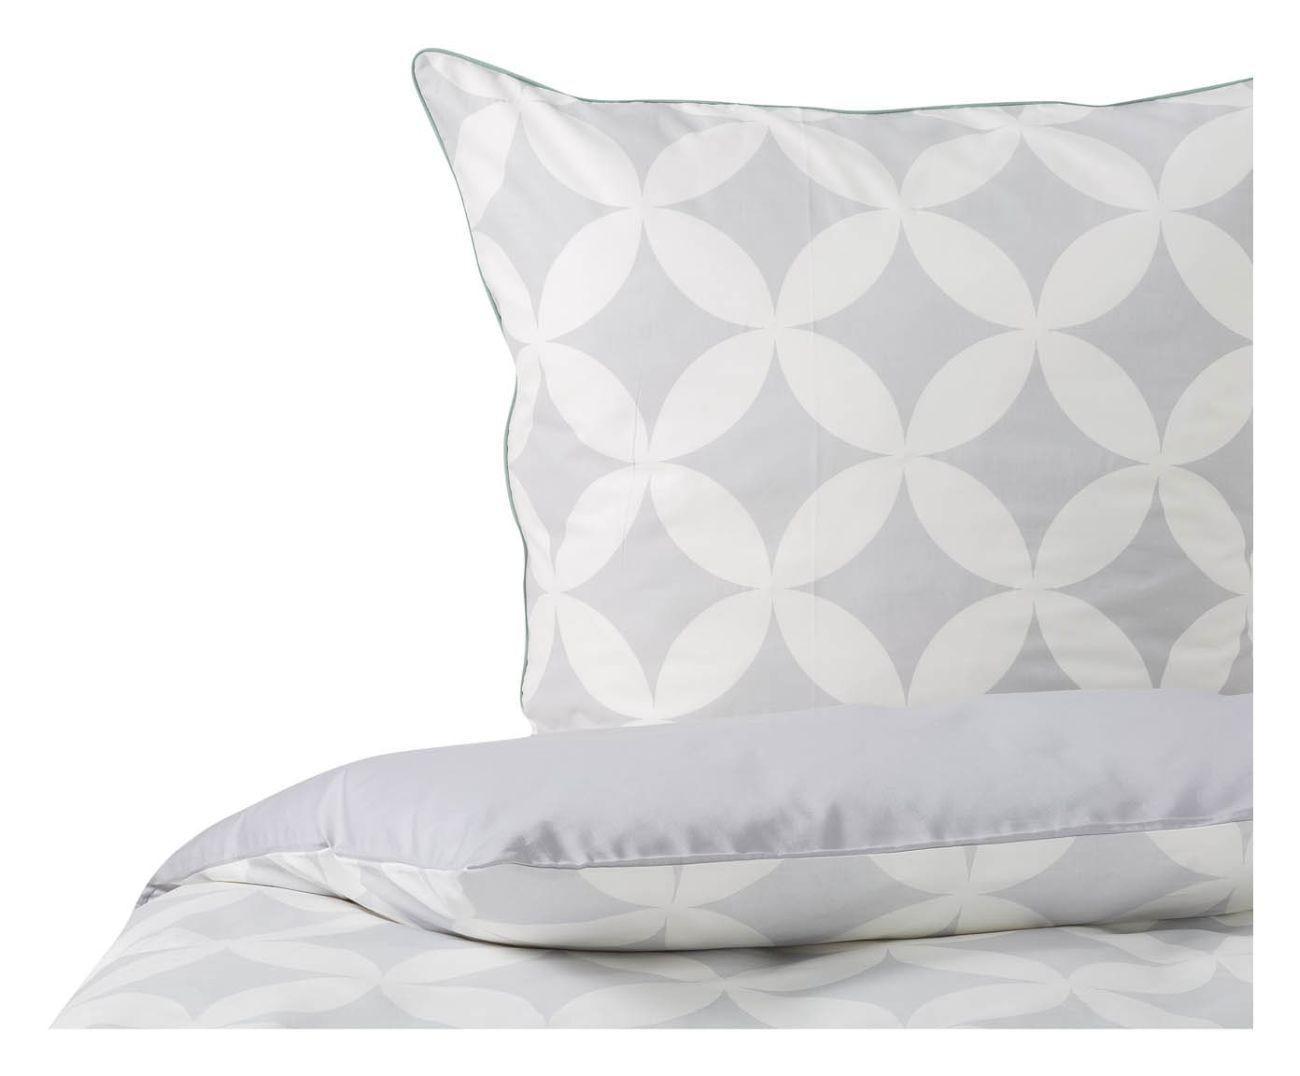 peppa grace elda kinder bettw sche aus satin online kaufen bei woonio. Black Bedroom Furniture Sets. Home Design Ideas